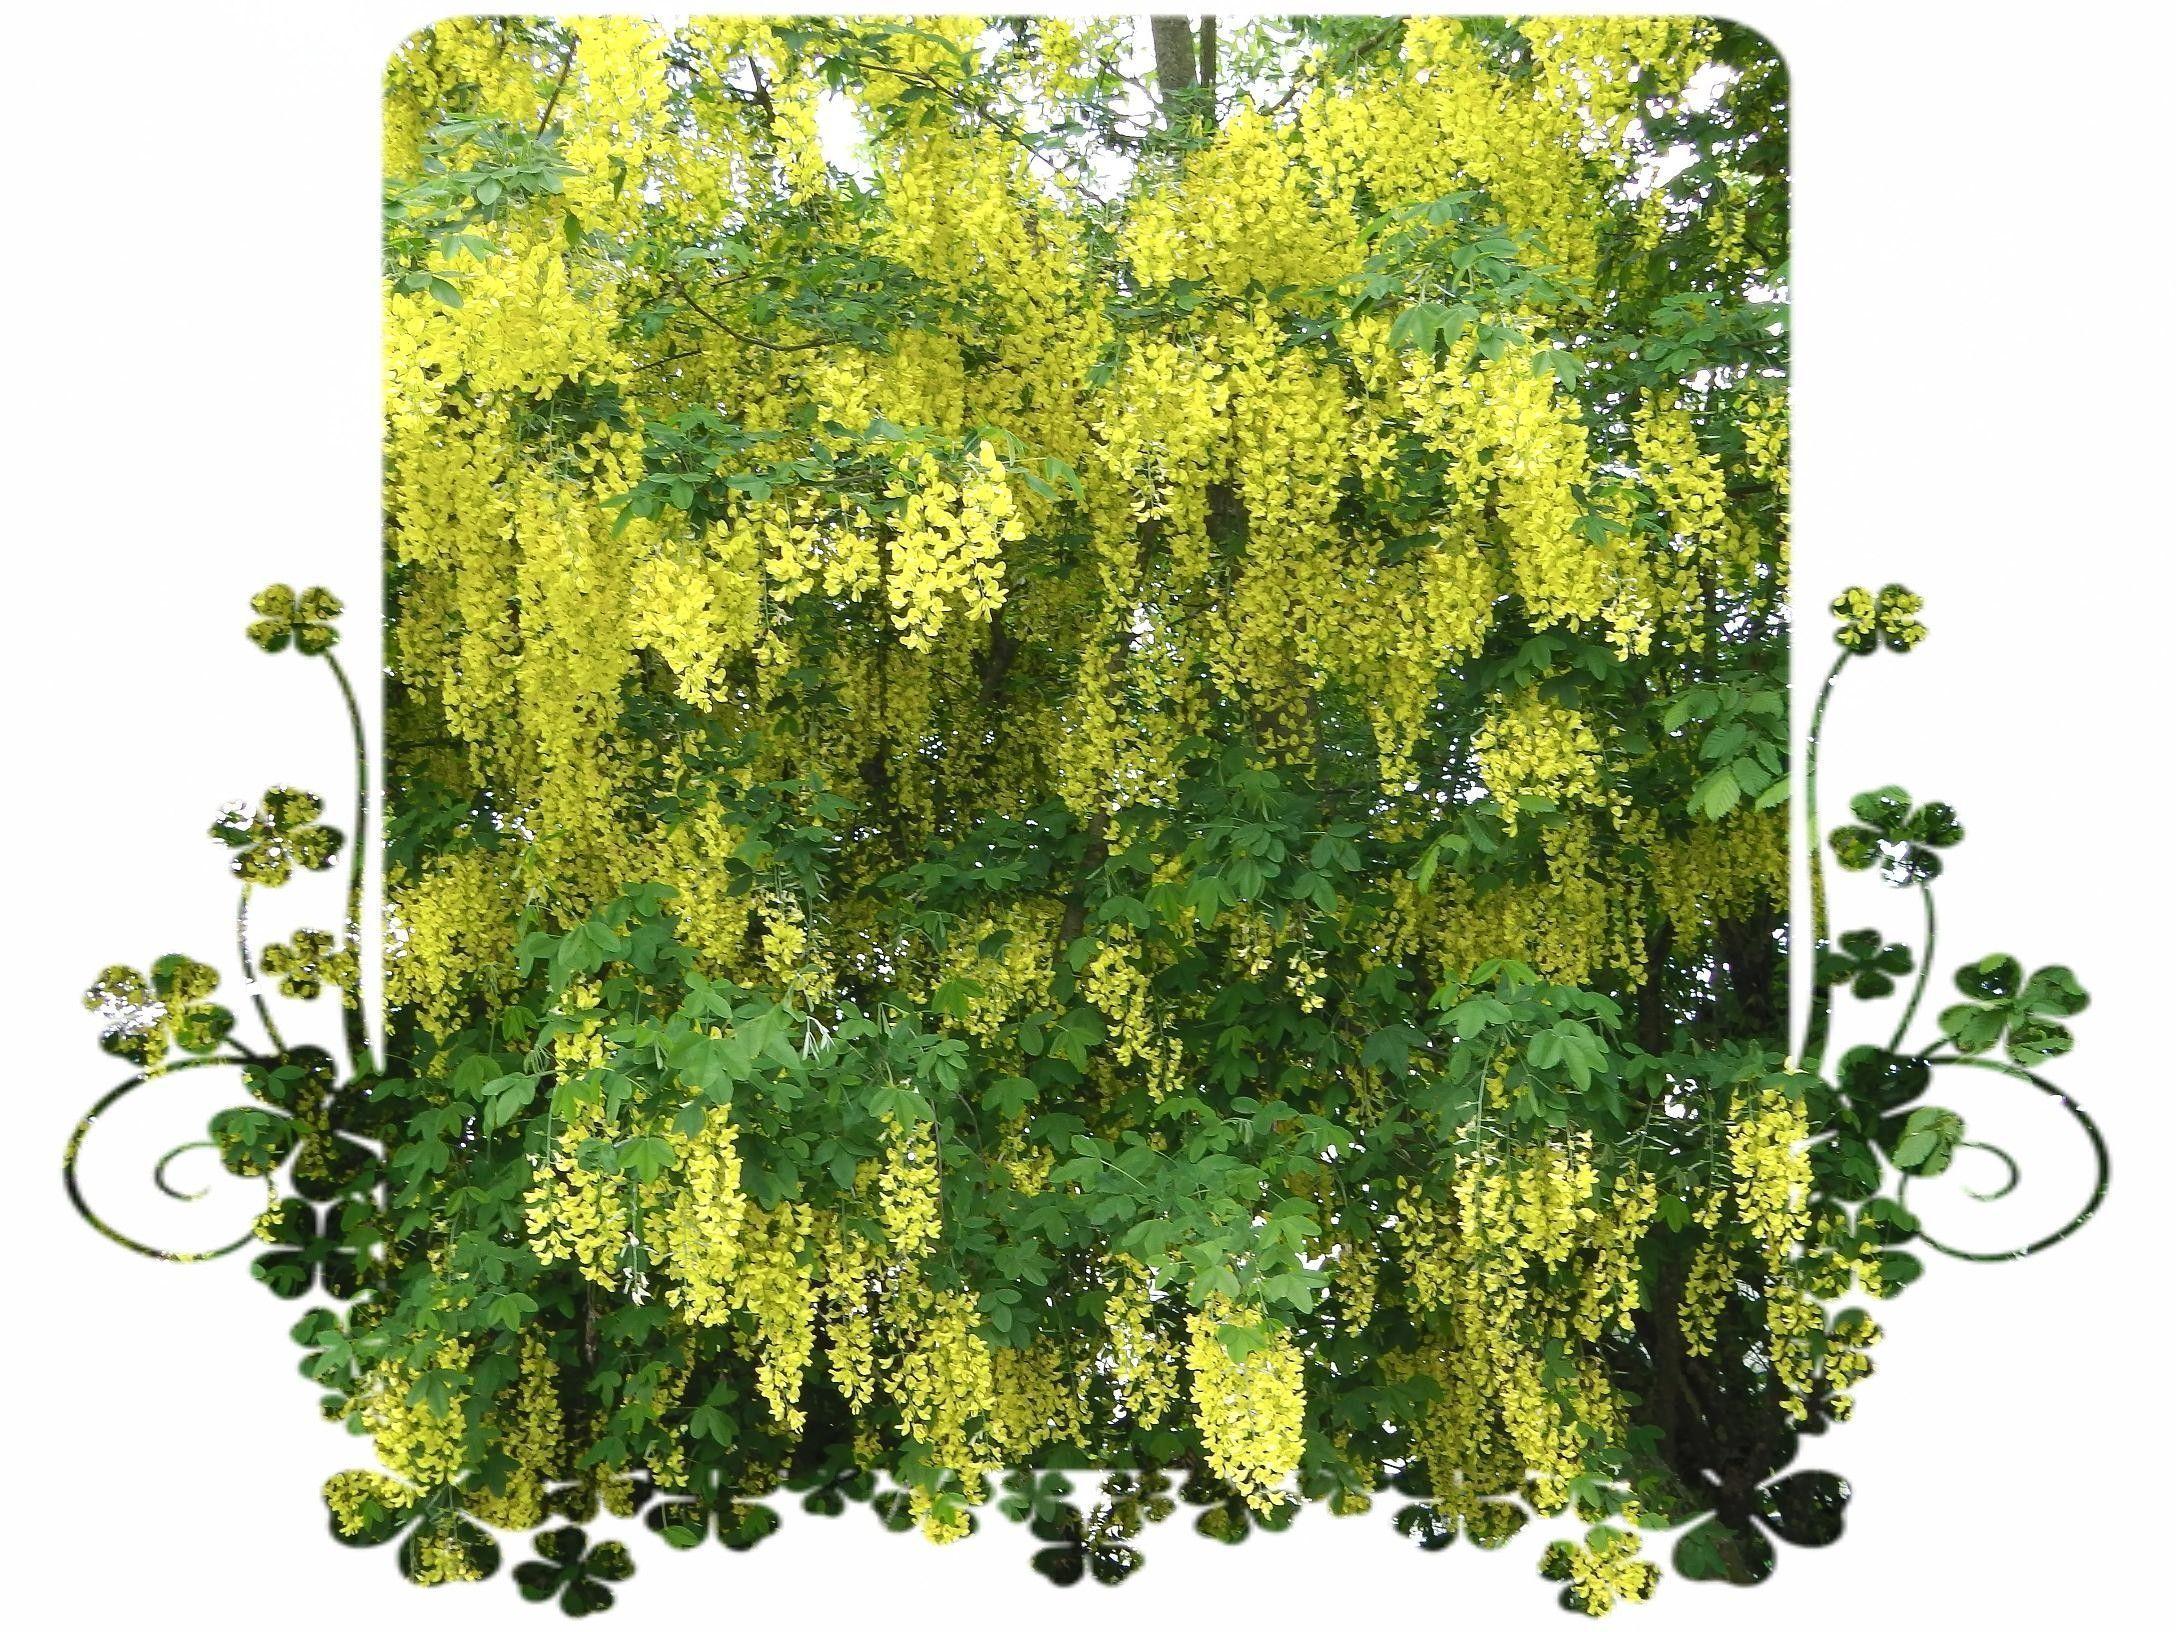 le cytise splendide avec ces grappes de fleurs jaunes. Black Bedroom Furniture Sets. Home Design Ideas